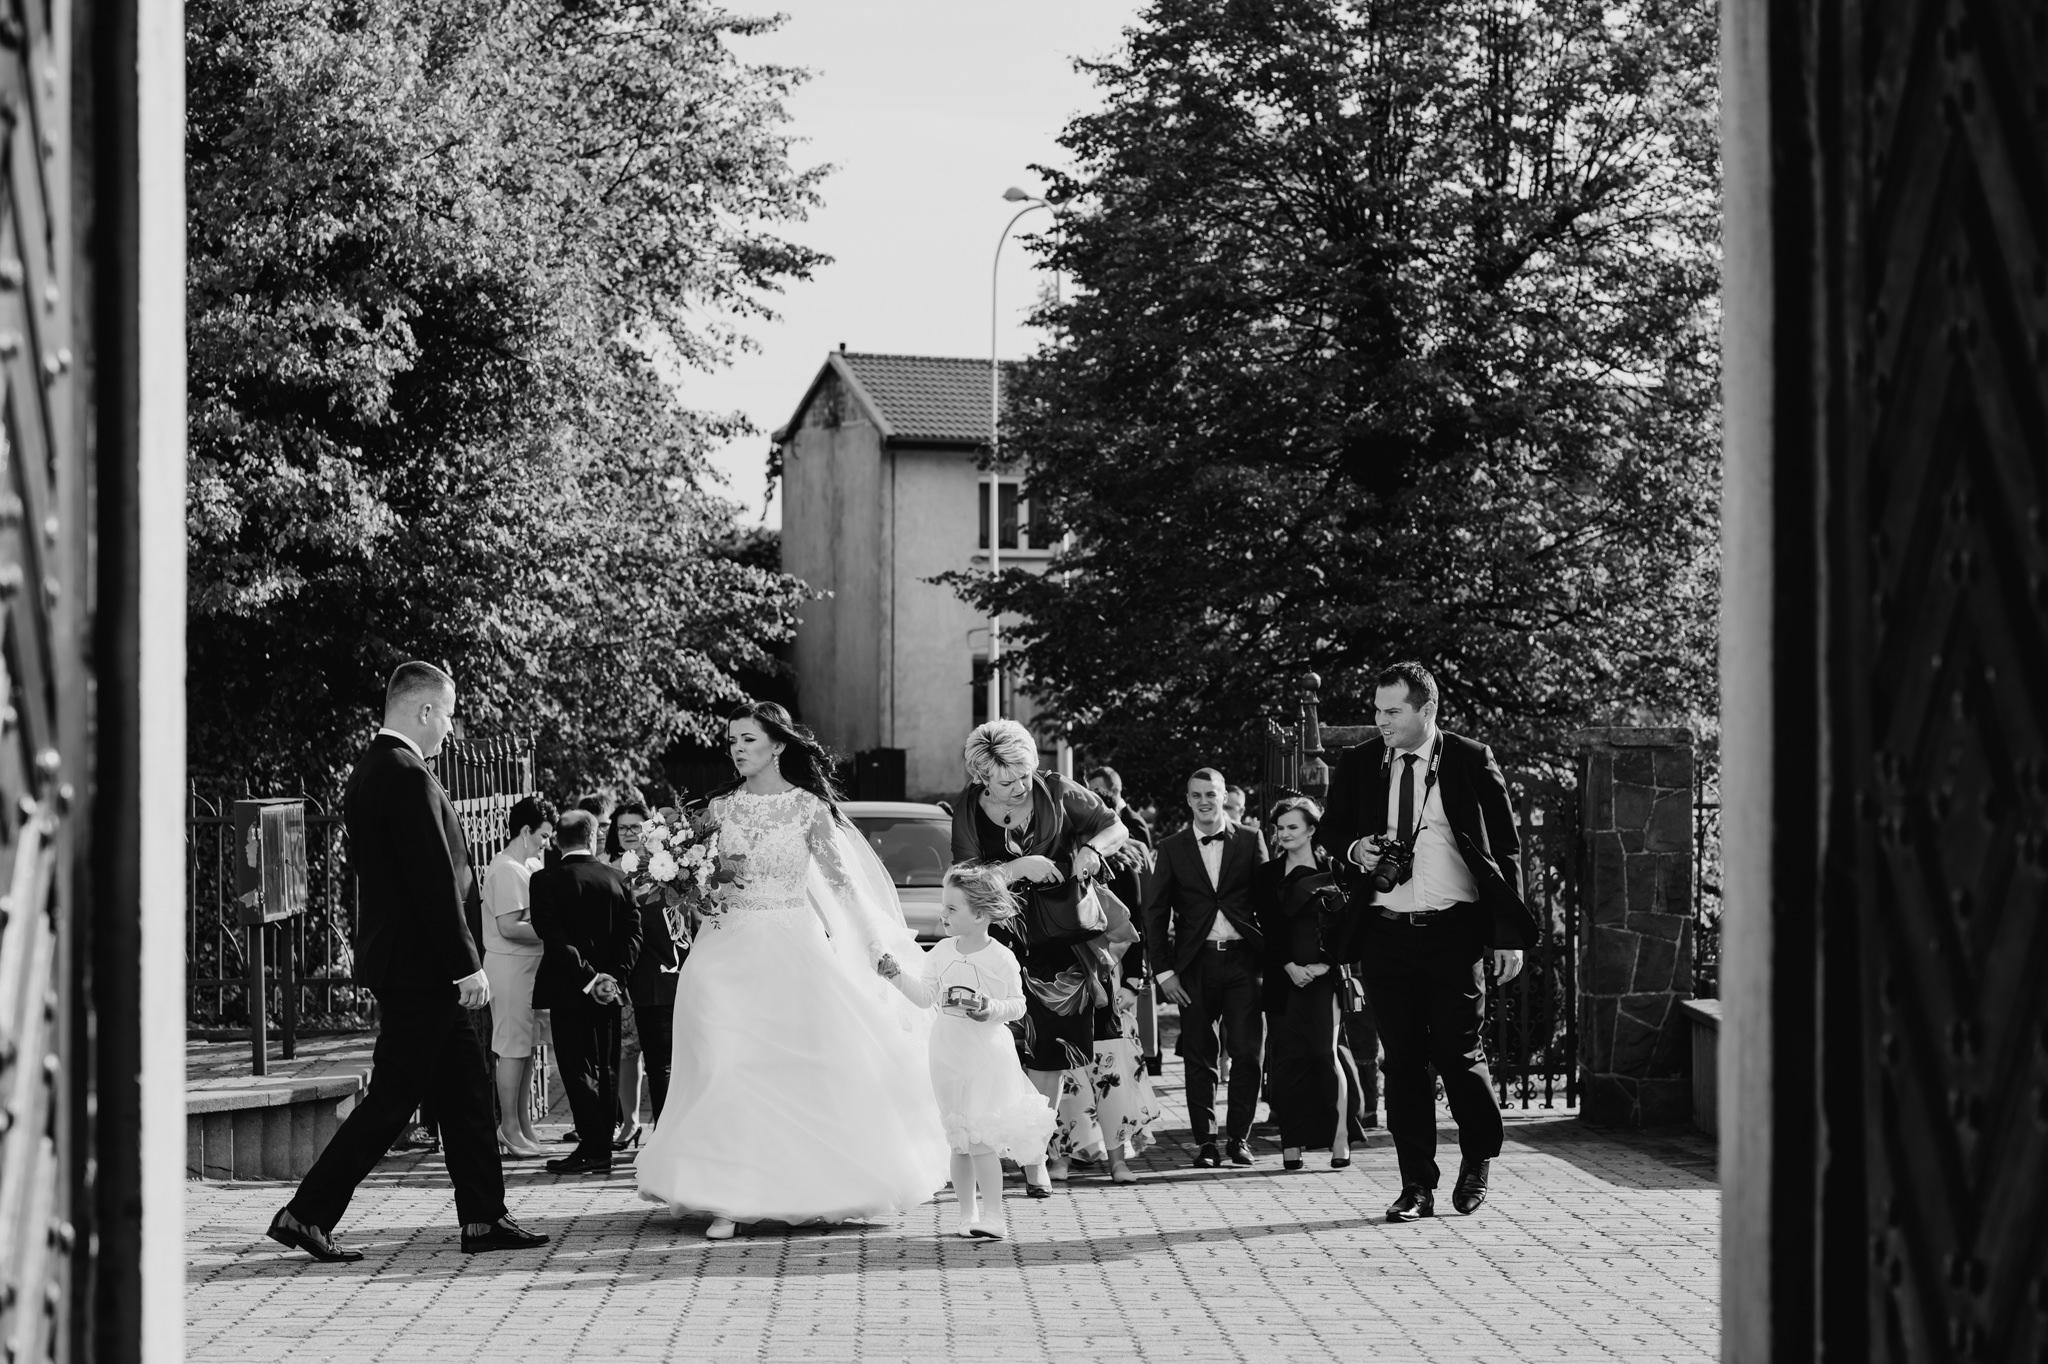 wbiegająca panna młoda do kościoła